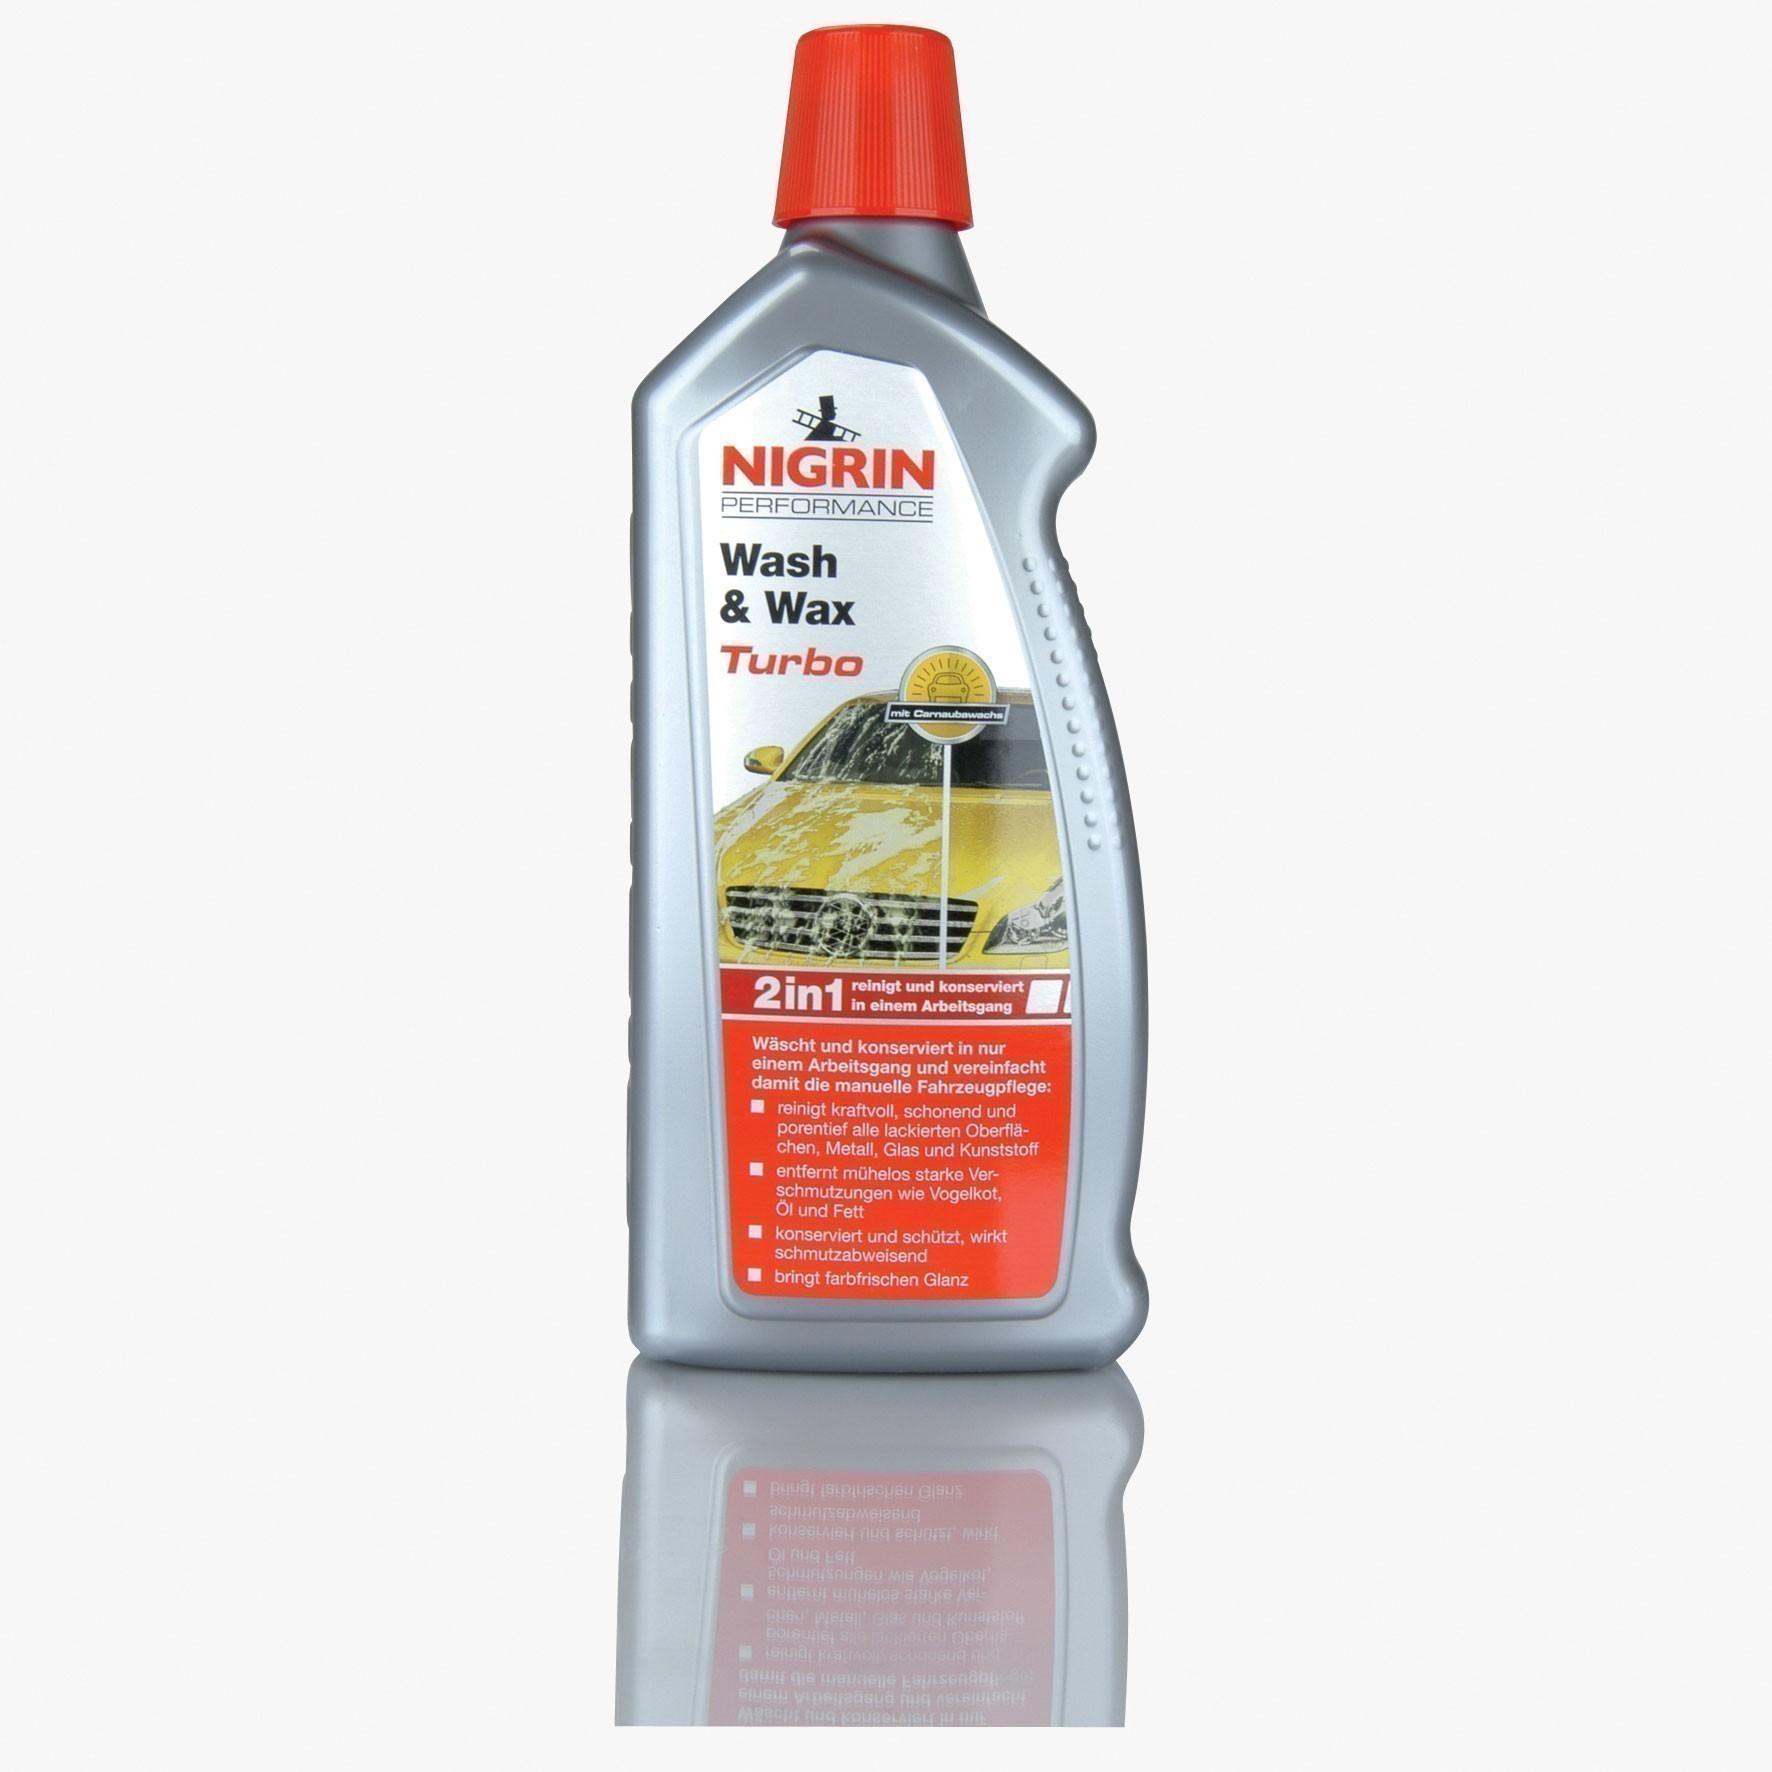 Nigrin Performance Wash & Wax Turbo 1 Liter Bild 1